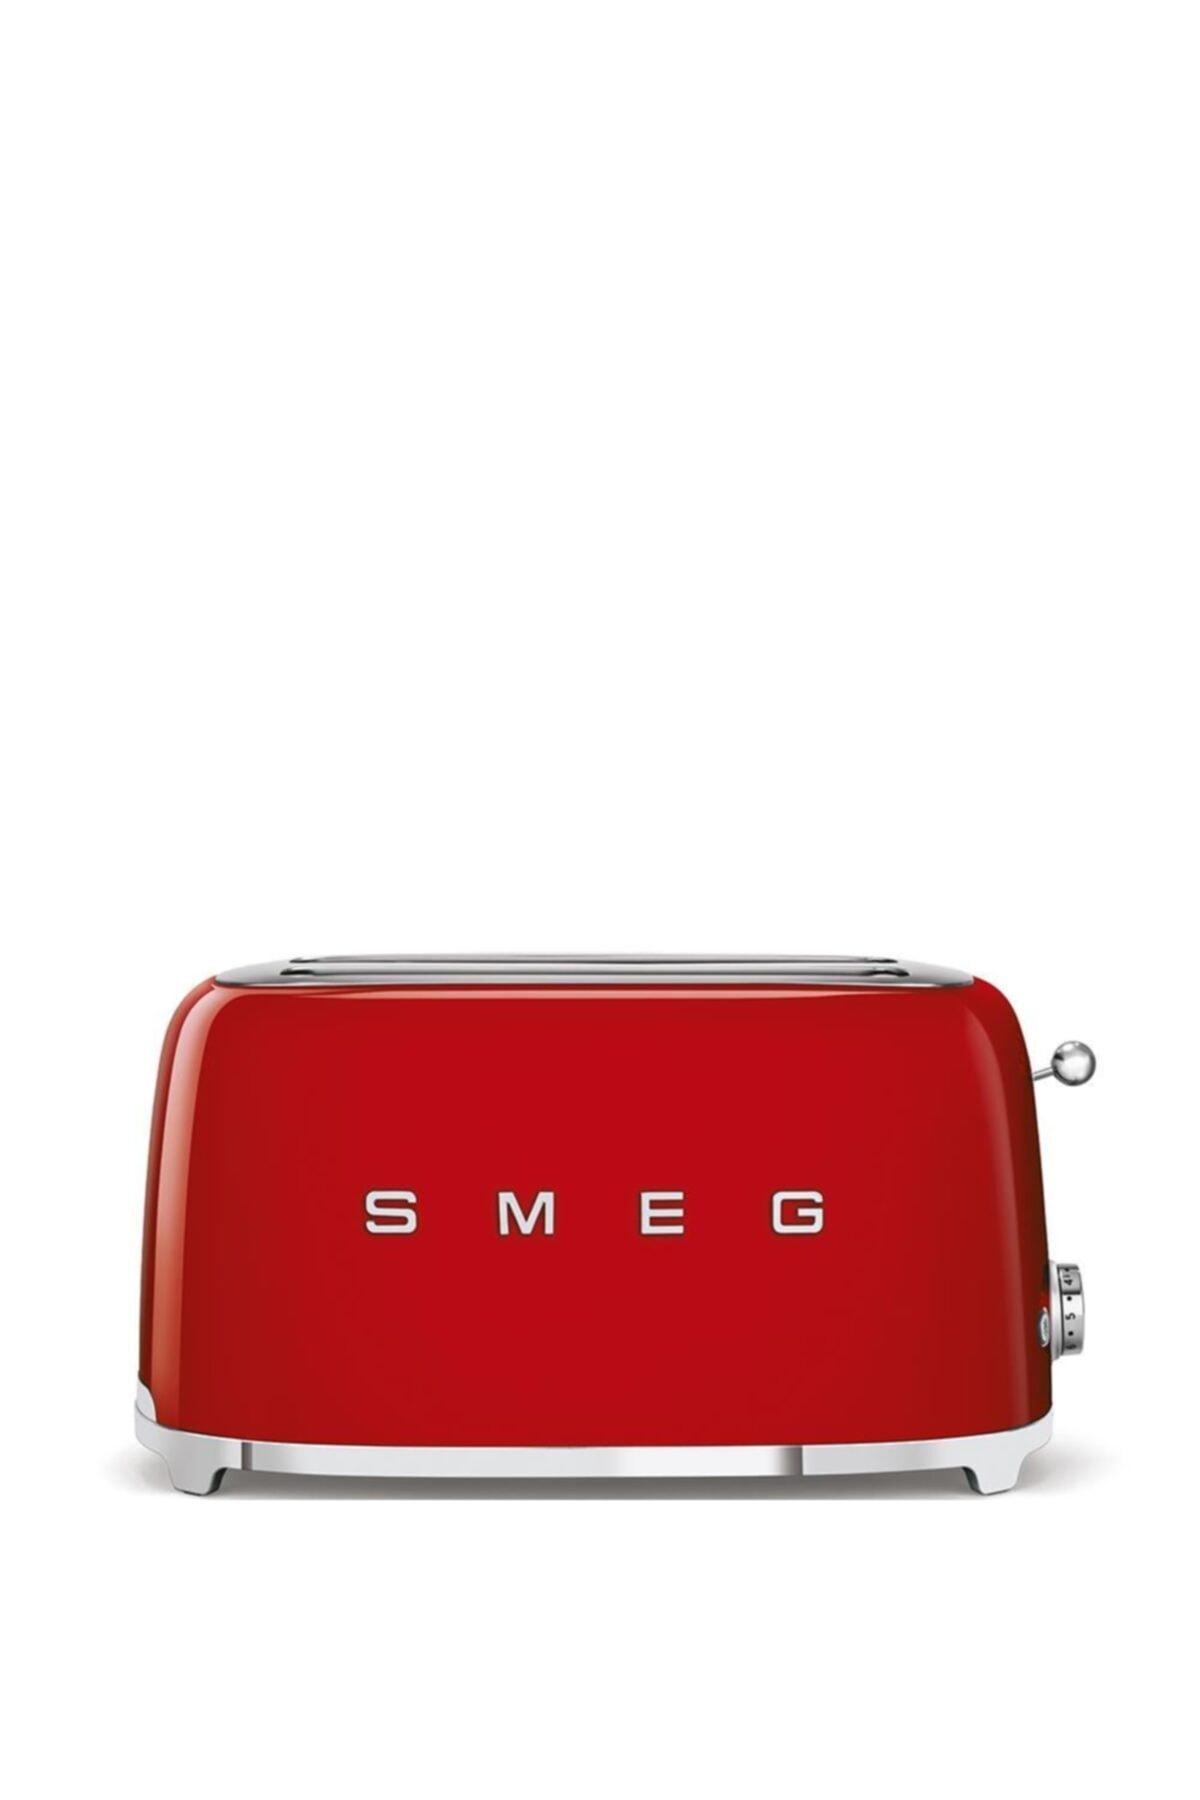 SMEG Tsf02rdeu Retro Kırmızı 2x4 Slot Ekmek Kızartma Makinesi 1